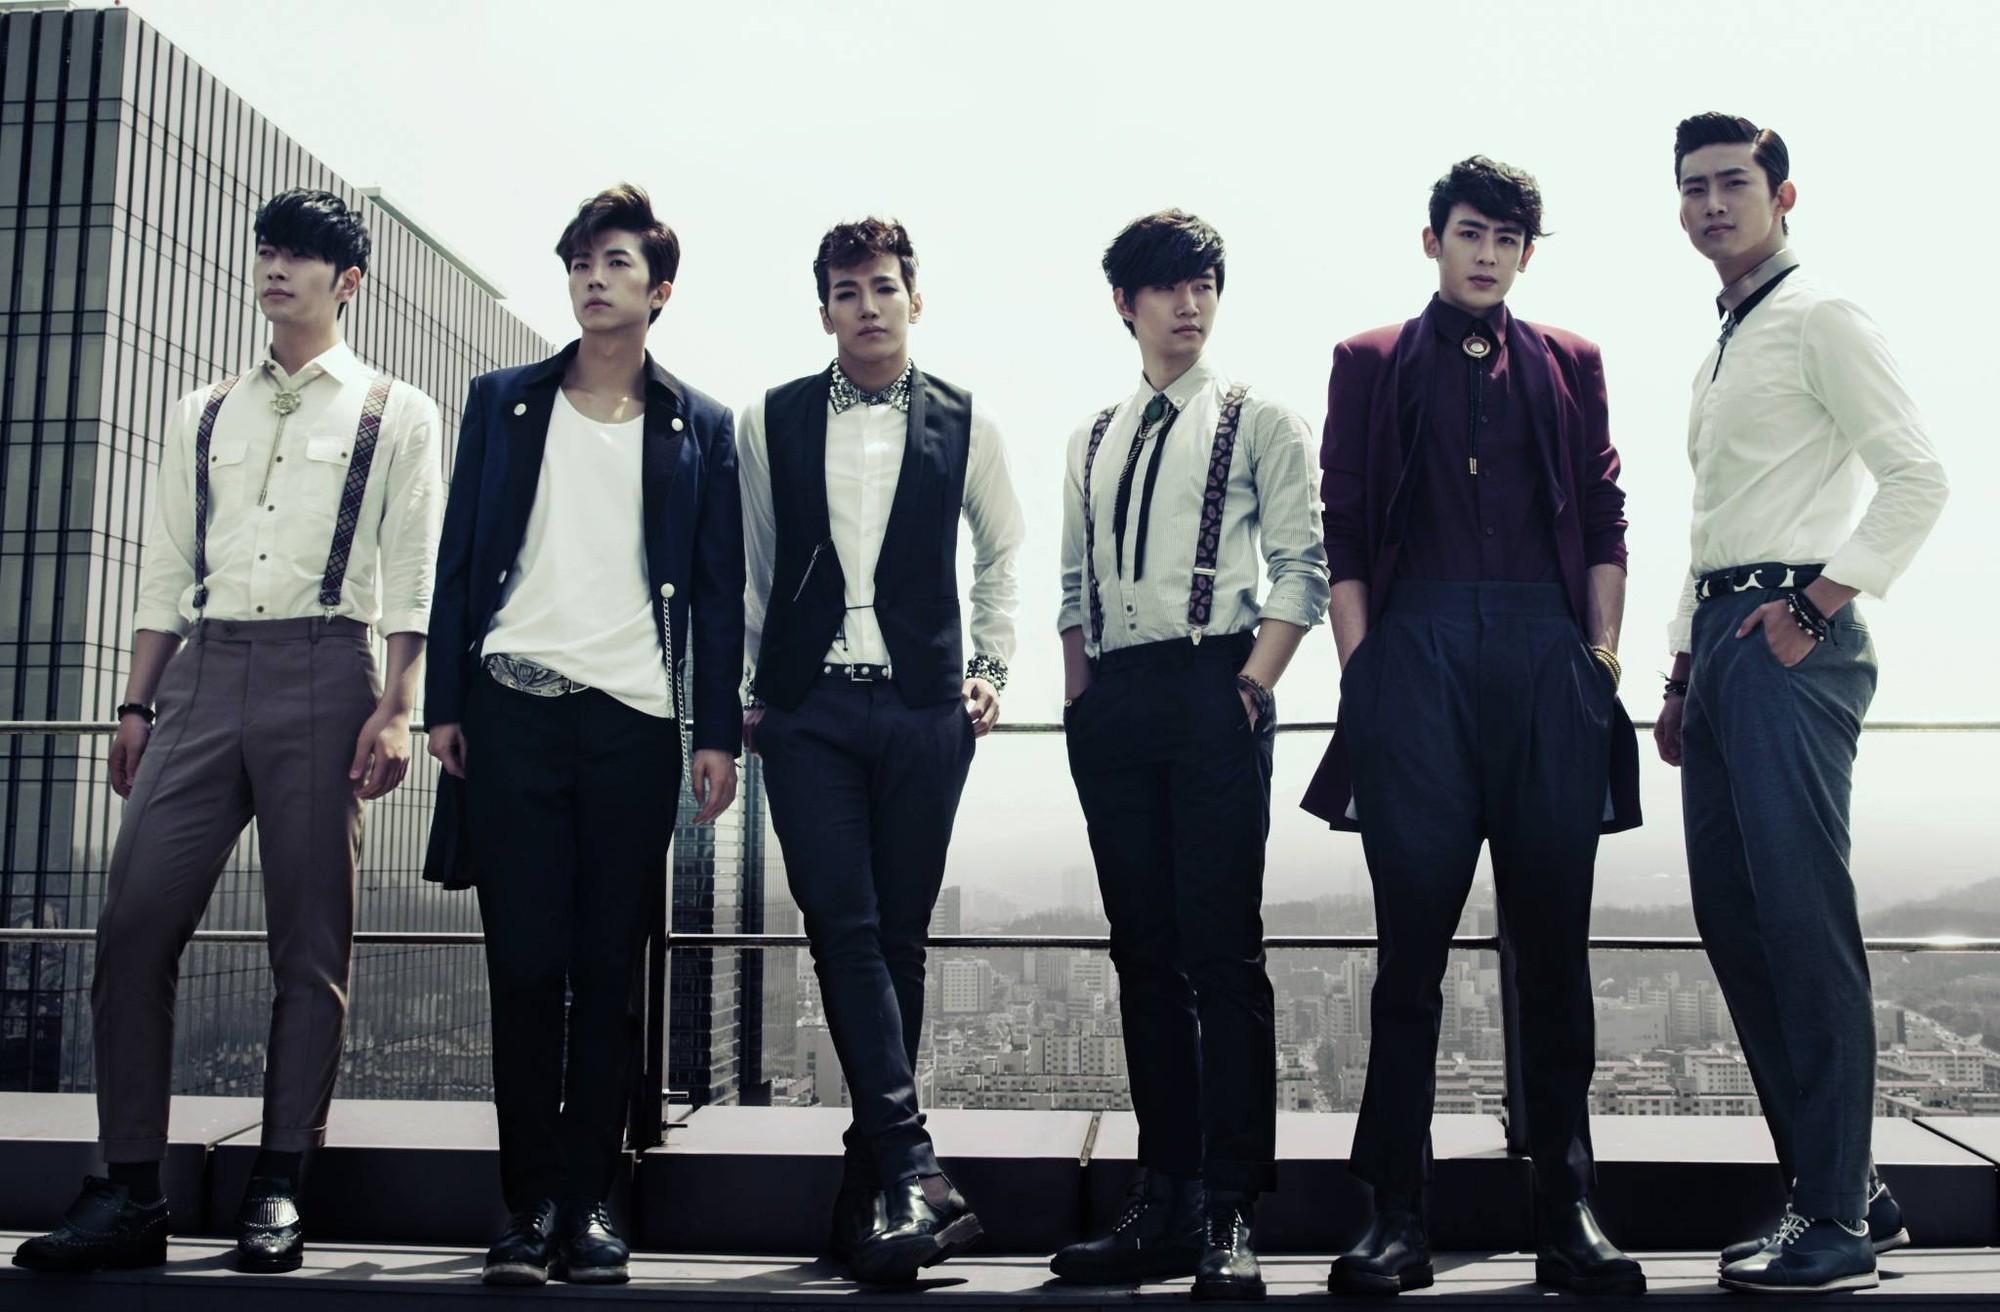 """Mang tiếng công ty tốt nhất Big 3, nào ngờ JYP cũng """"vắt chanh bỏ vỏ"""" chẳng kém ai - Ảnh 3."""